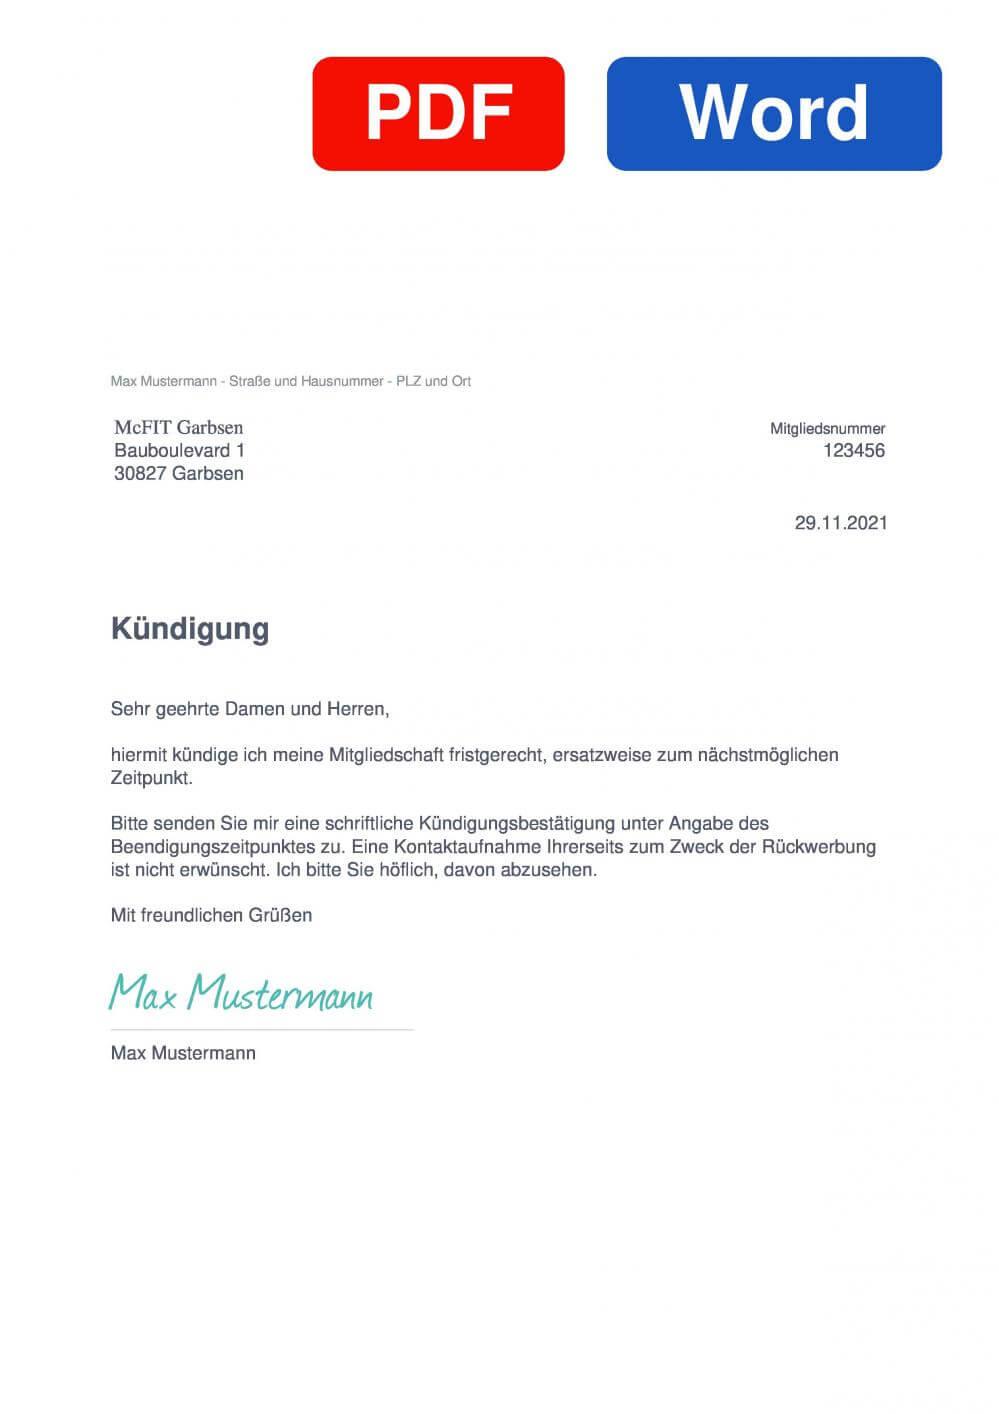 McFIT Garbsen Muster Vorlage für Kündigungsschreiben